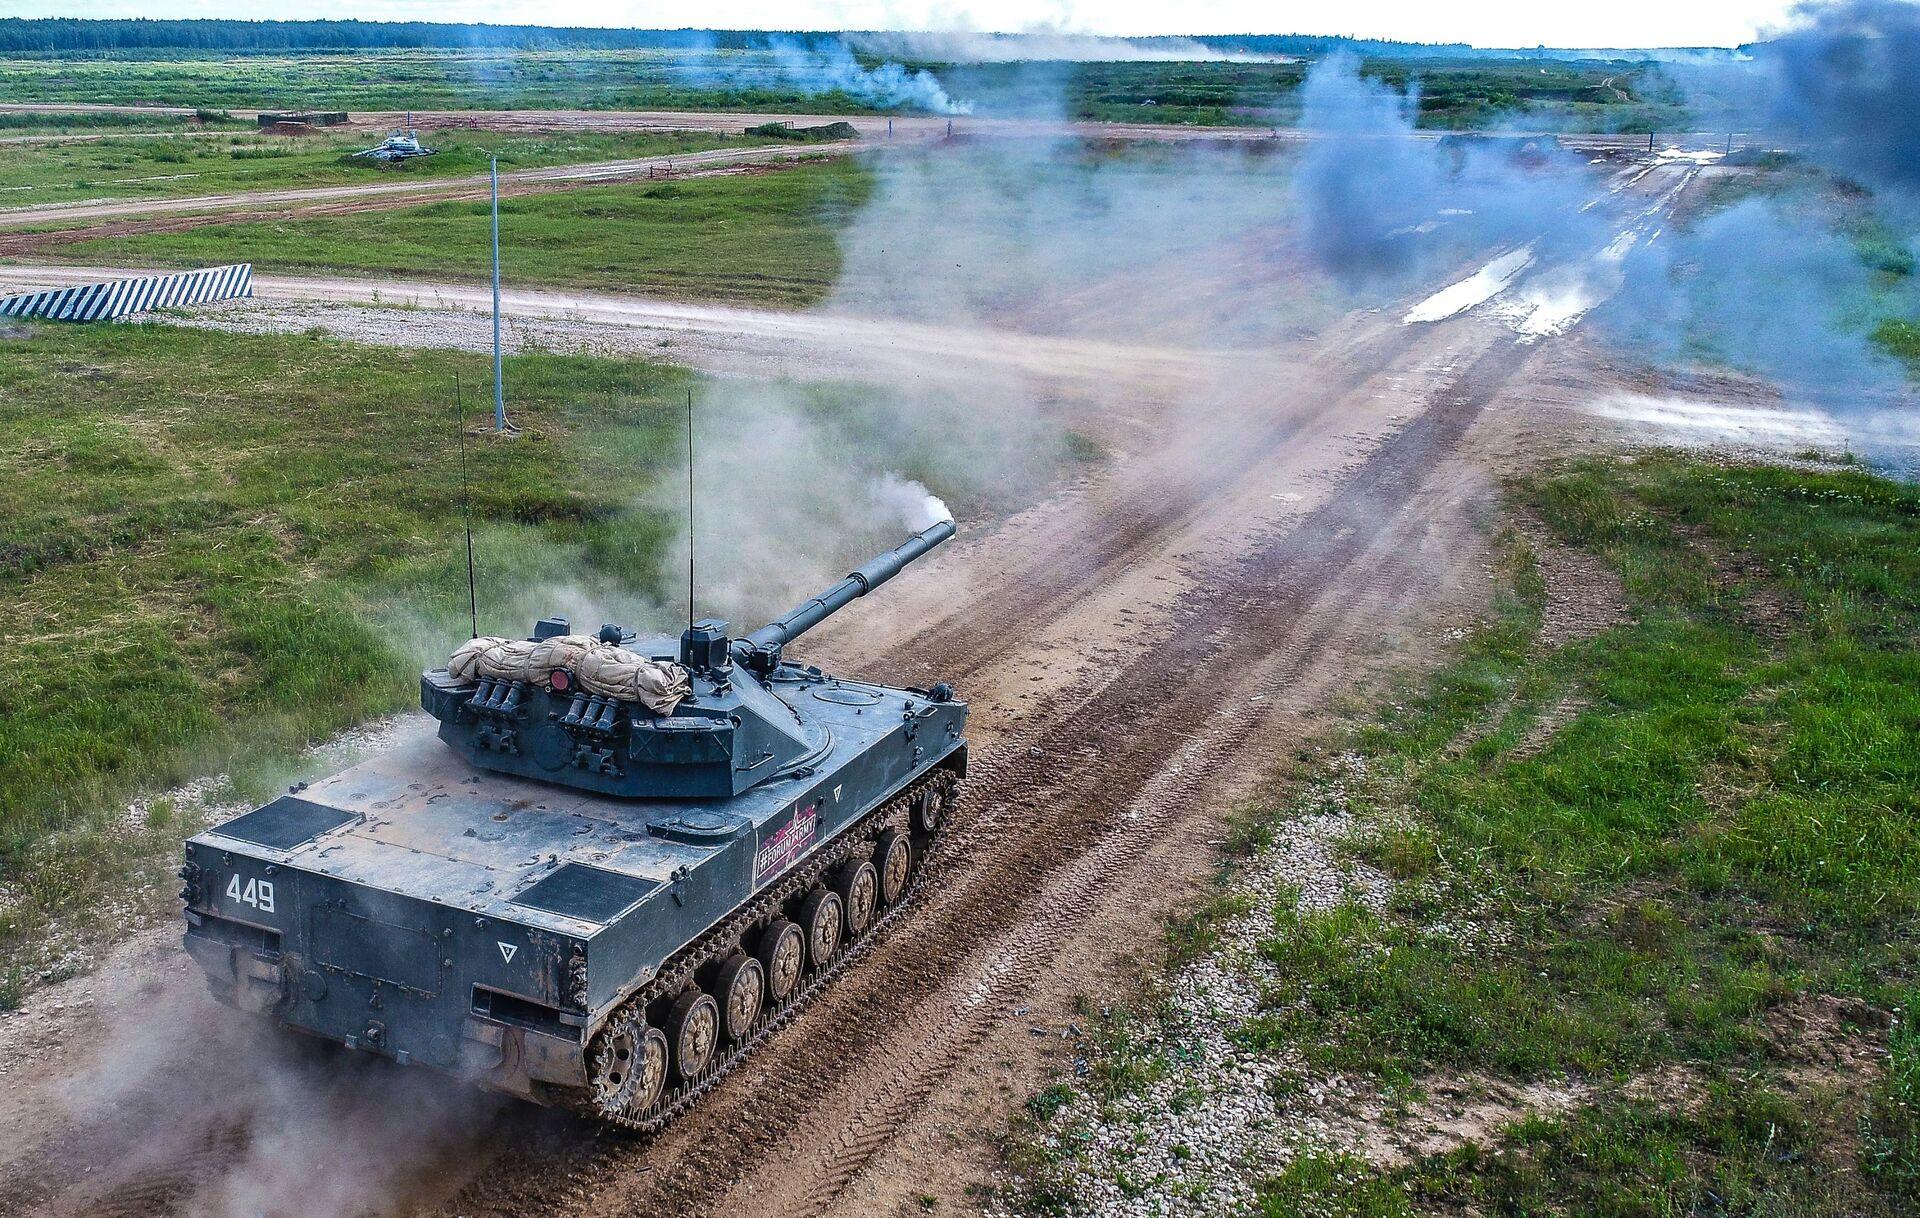 """""""Rosja nigdy wcześniej nie miała czegoś takiego"""": nad jakim czołgiem pracuje przemysł obronny? - Sputnik Polska, 1920, 03.03.2021"""